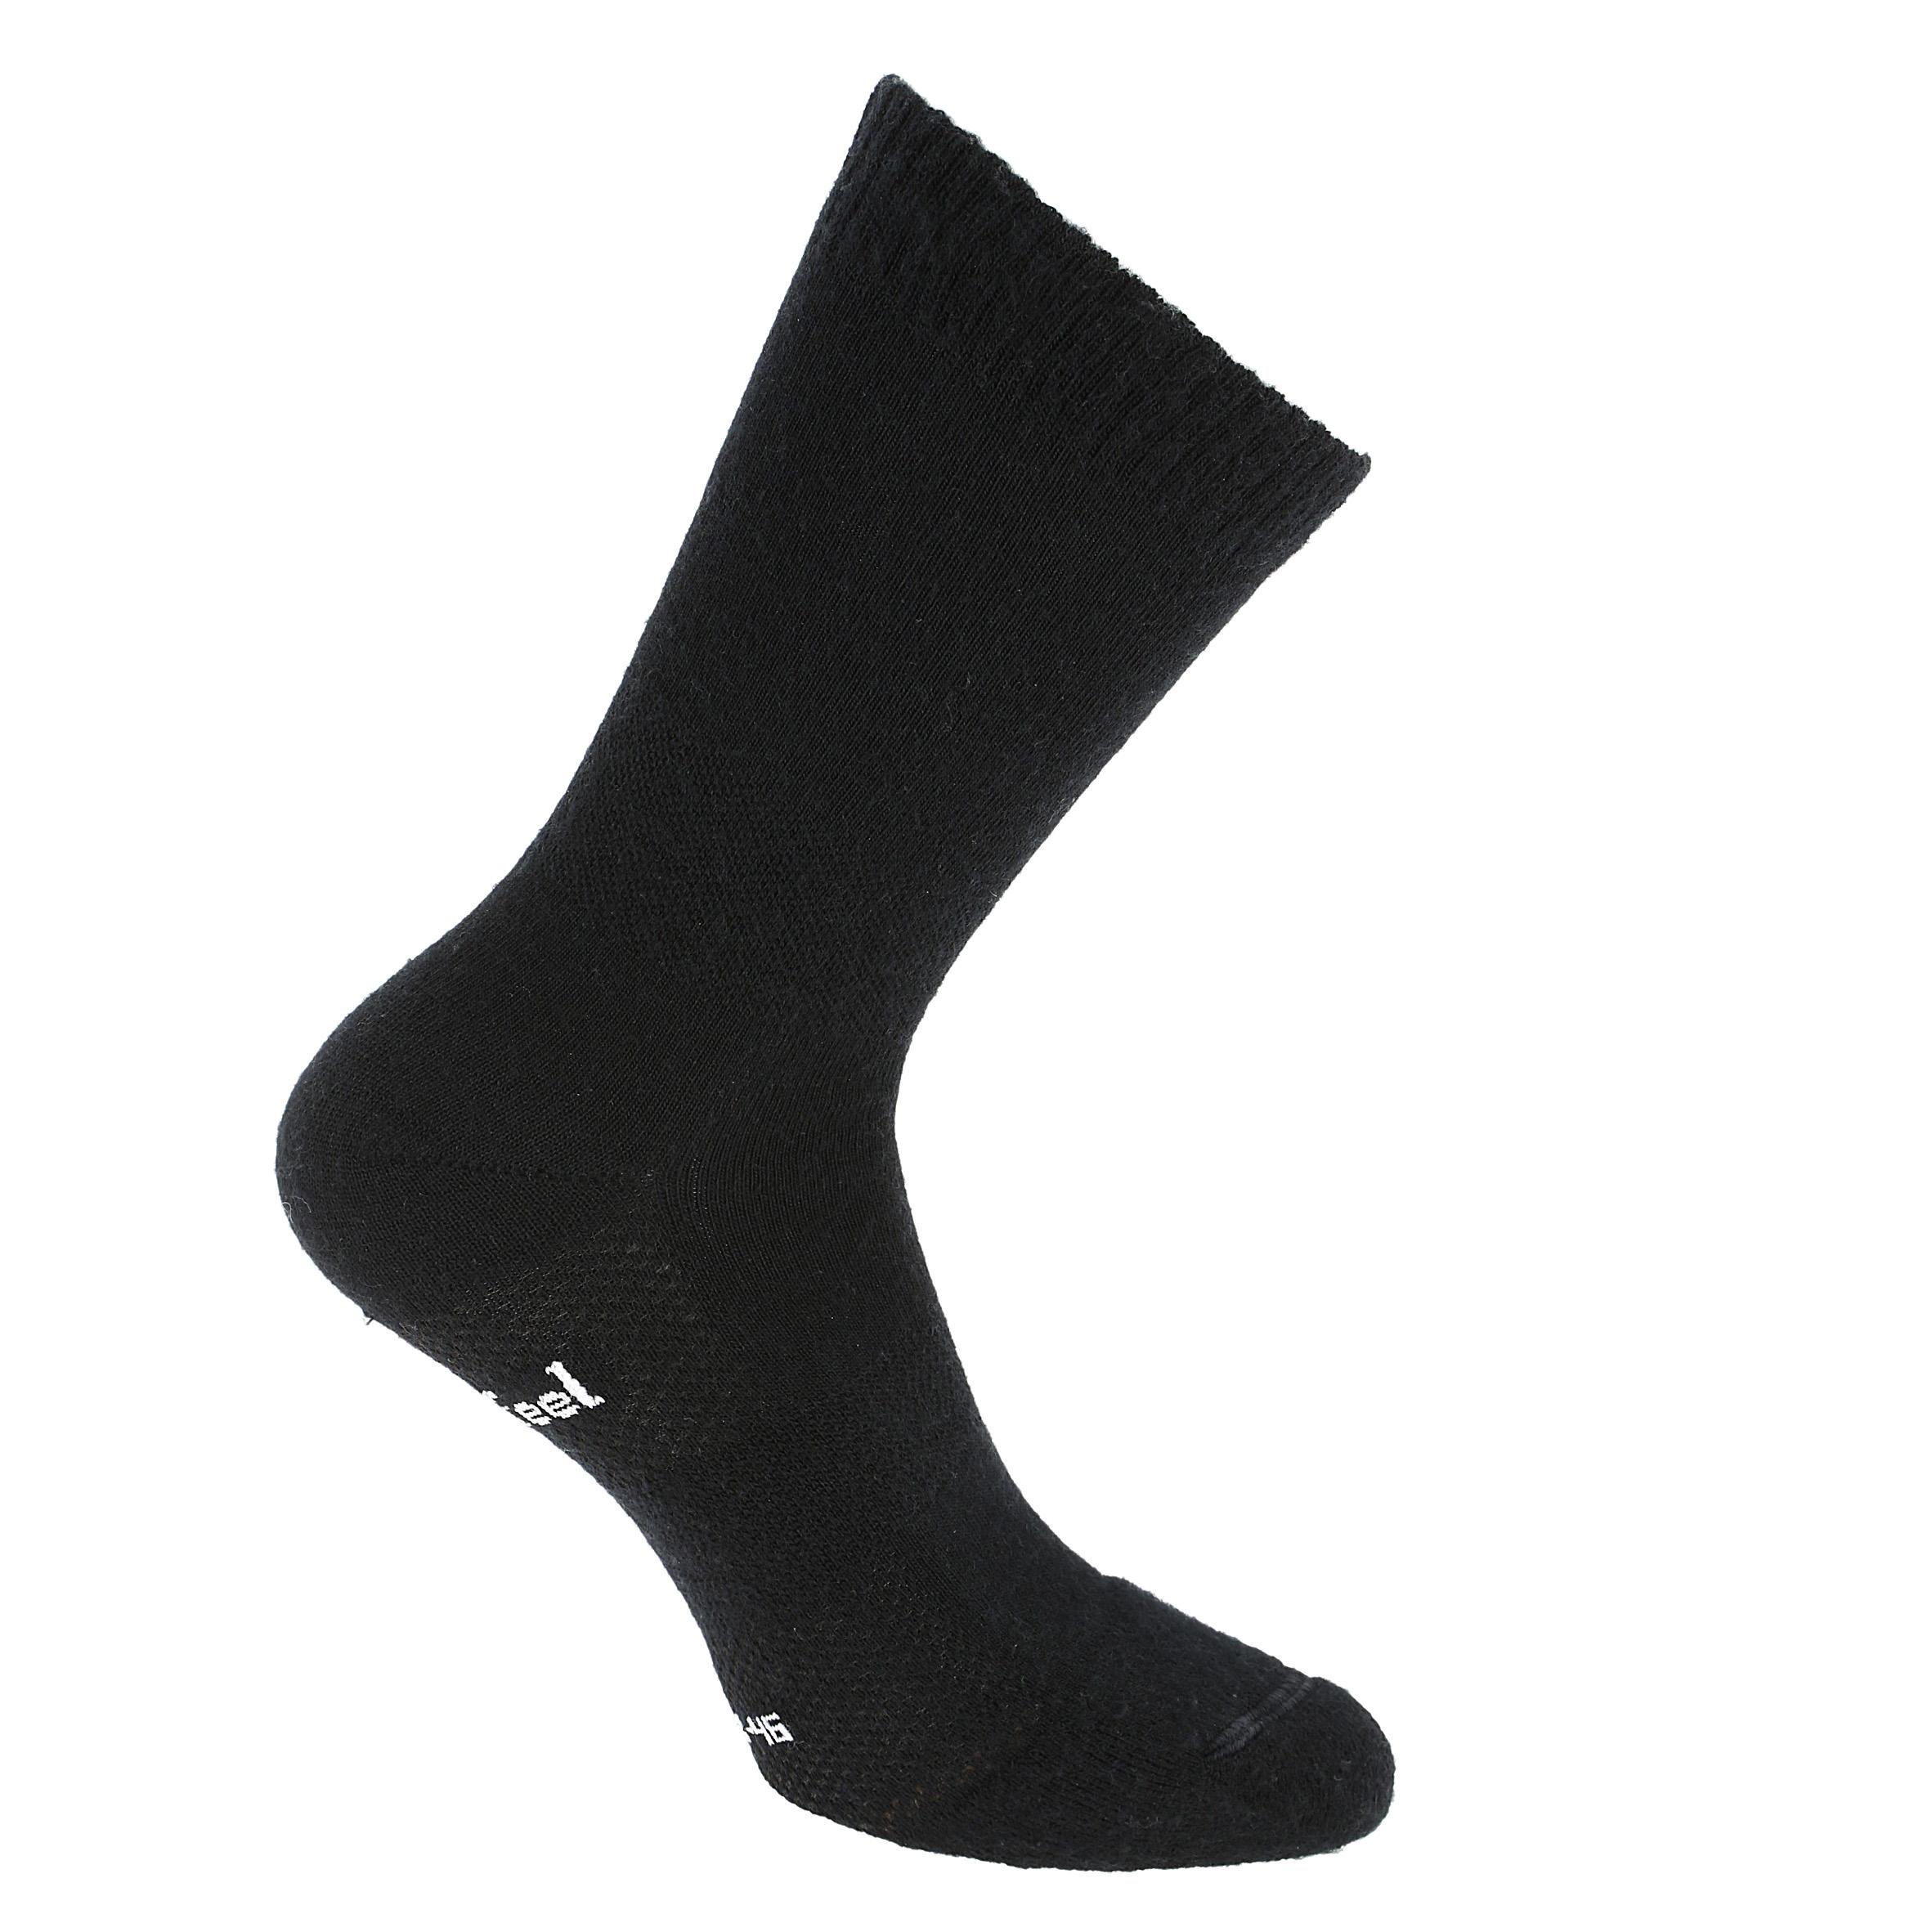 Newfeel Sokken Double 500 voor sportief wandelen wol/katoen zwart